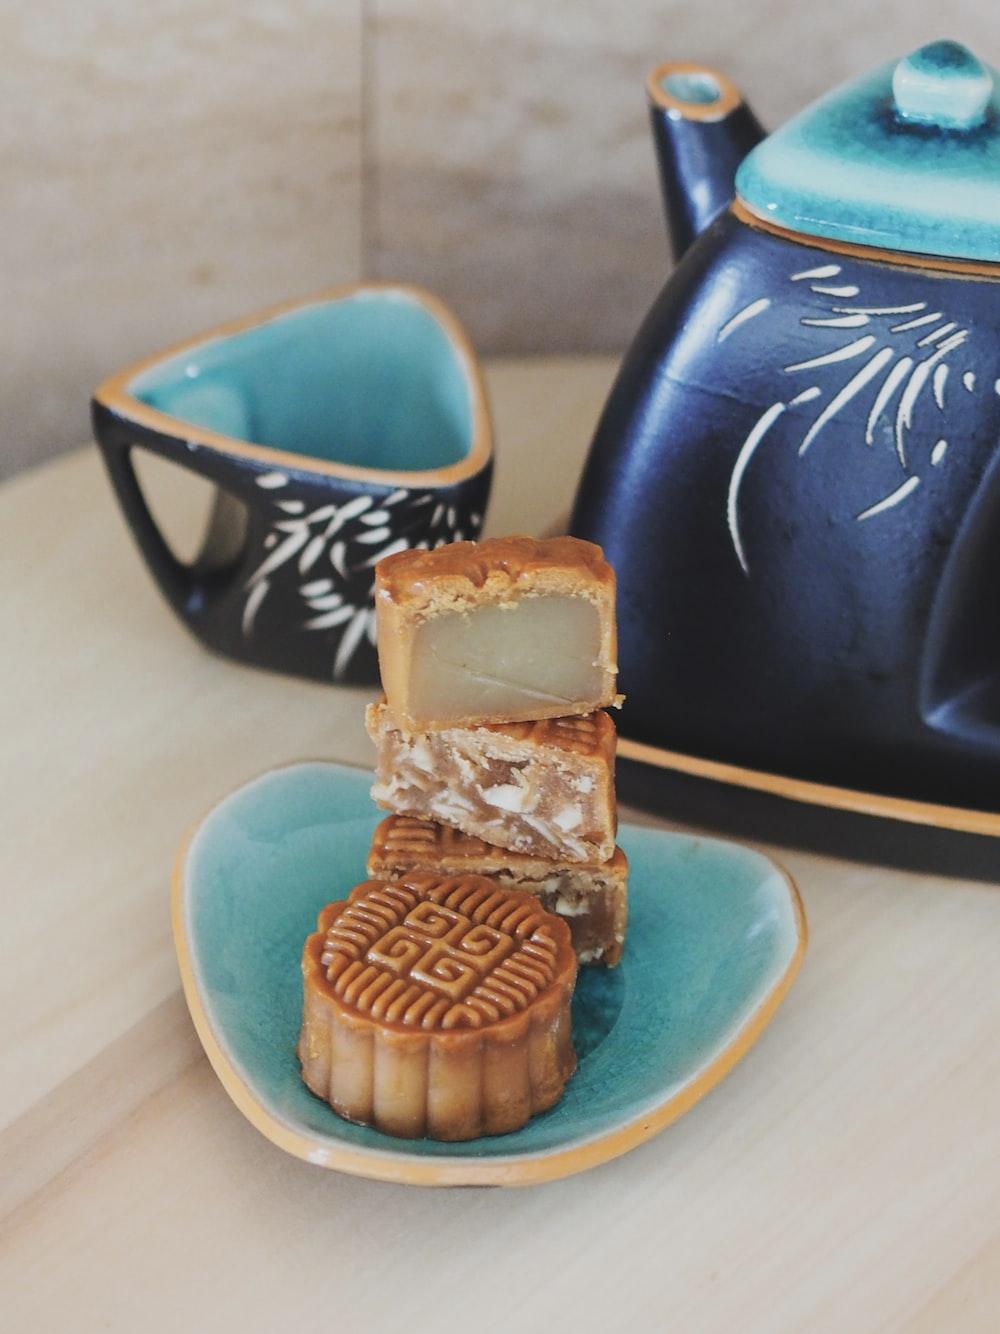 brown and blue ceramic mug on blue ceramic saucer